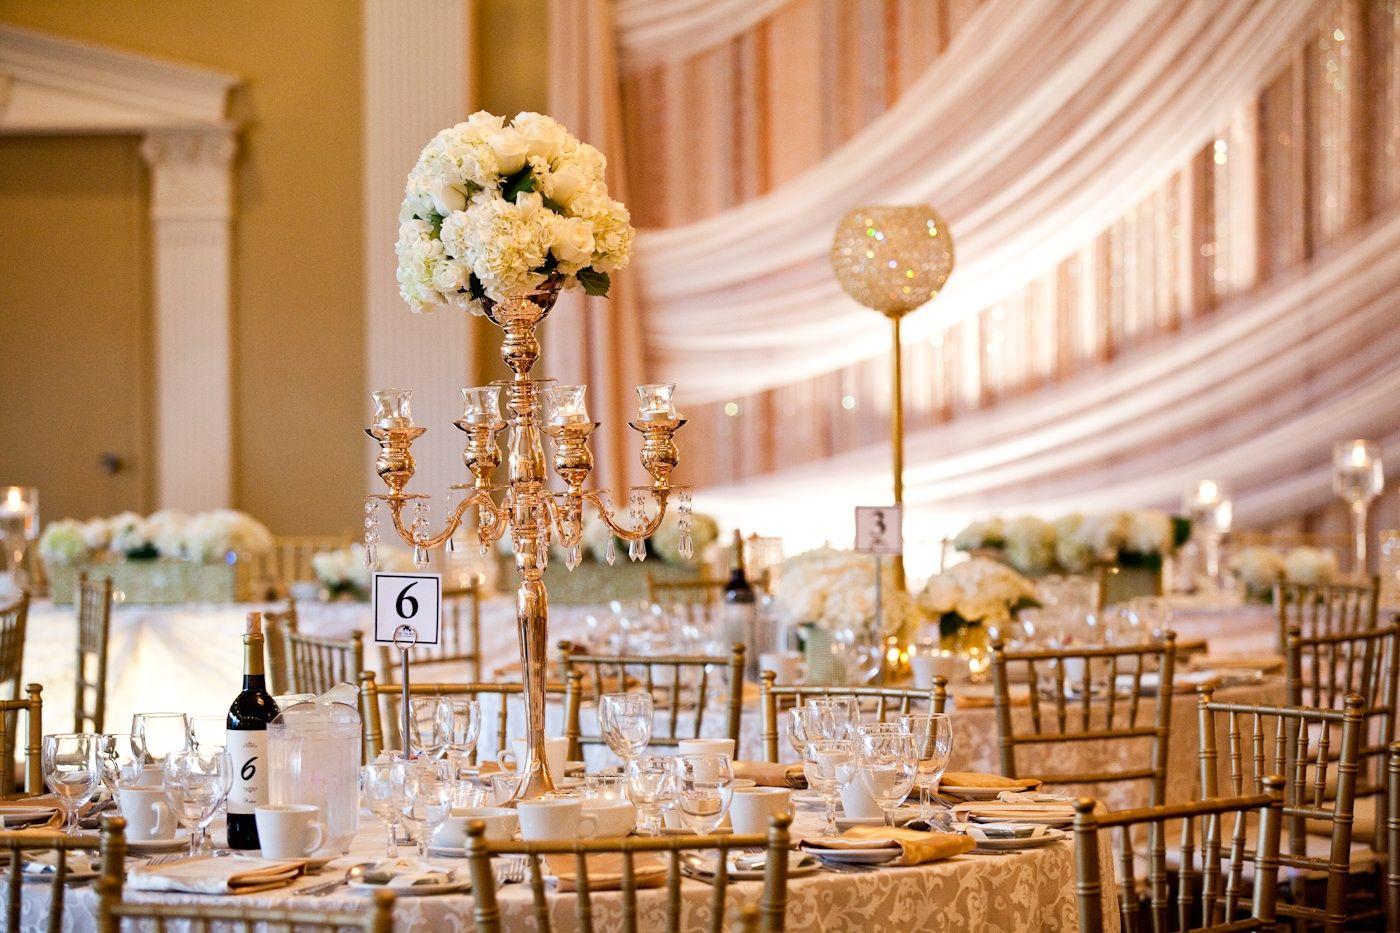 Wedding Centerpiece Rentals Wedding Rentals Decor Centerpiece Rentals Wedding Rentals